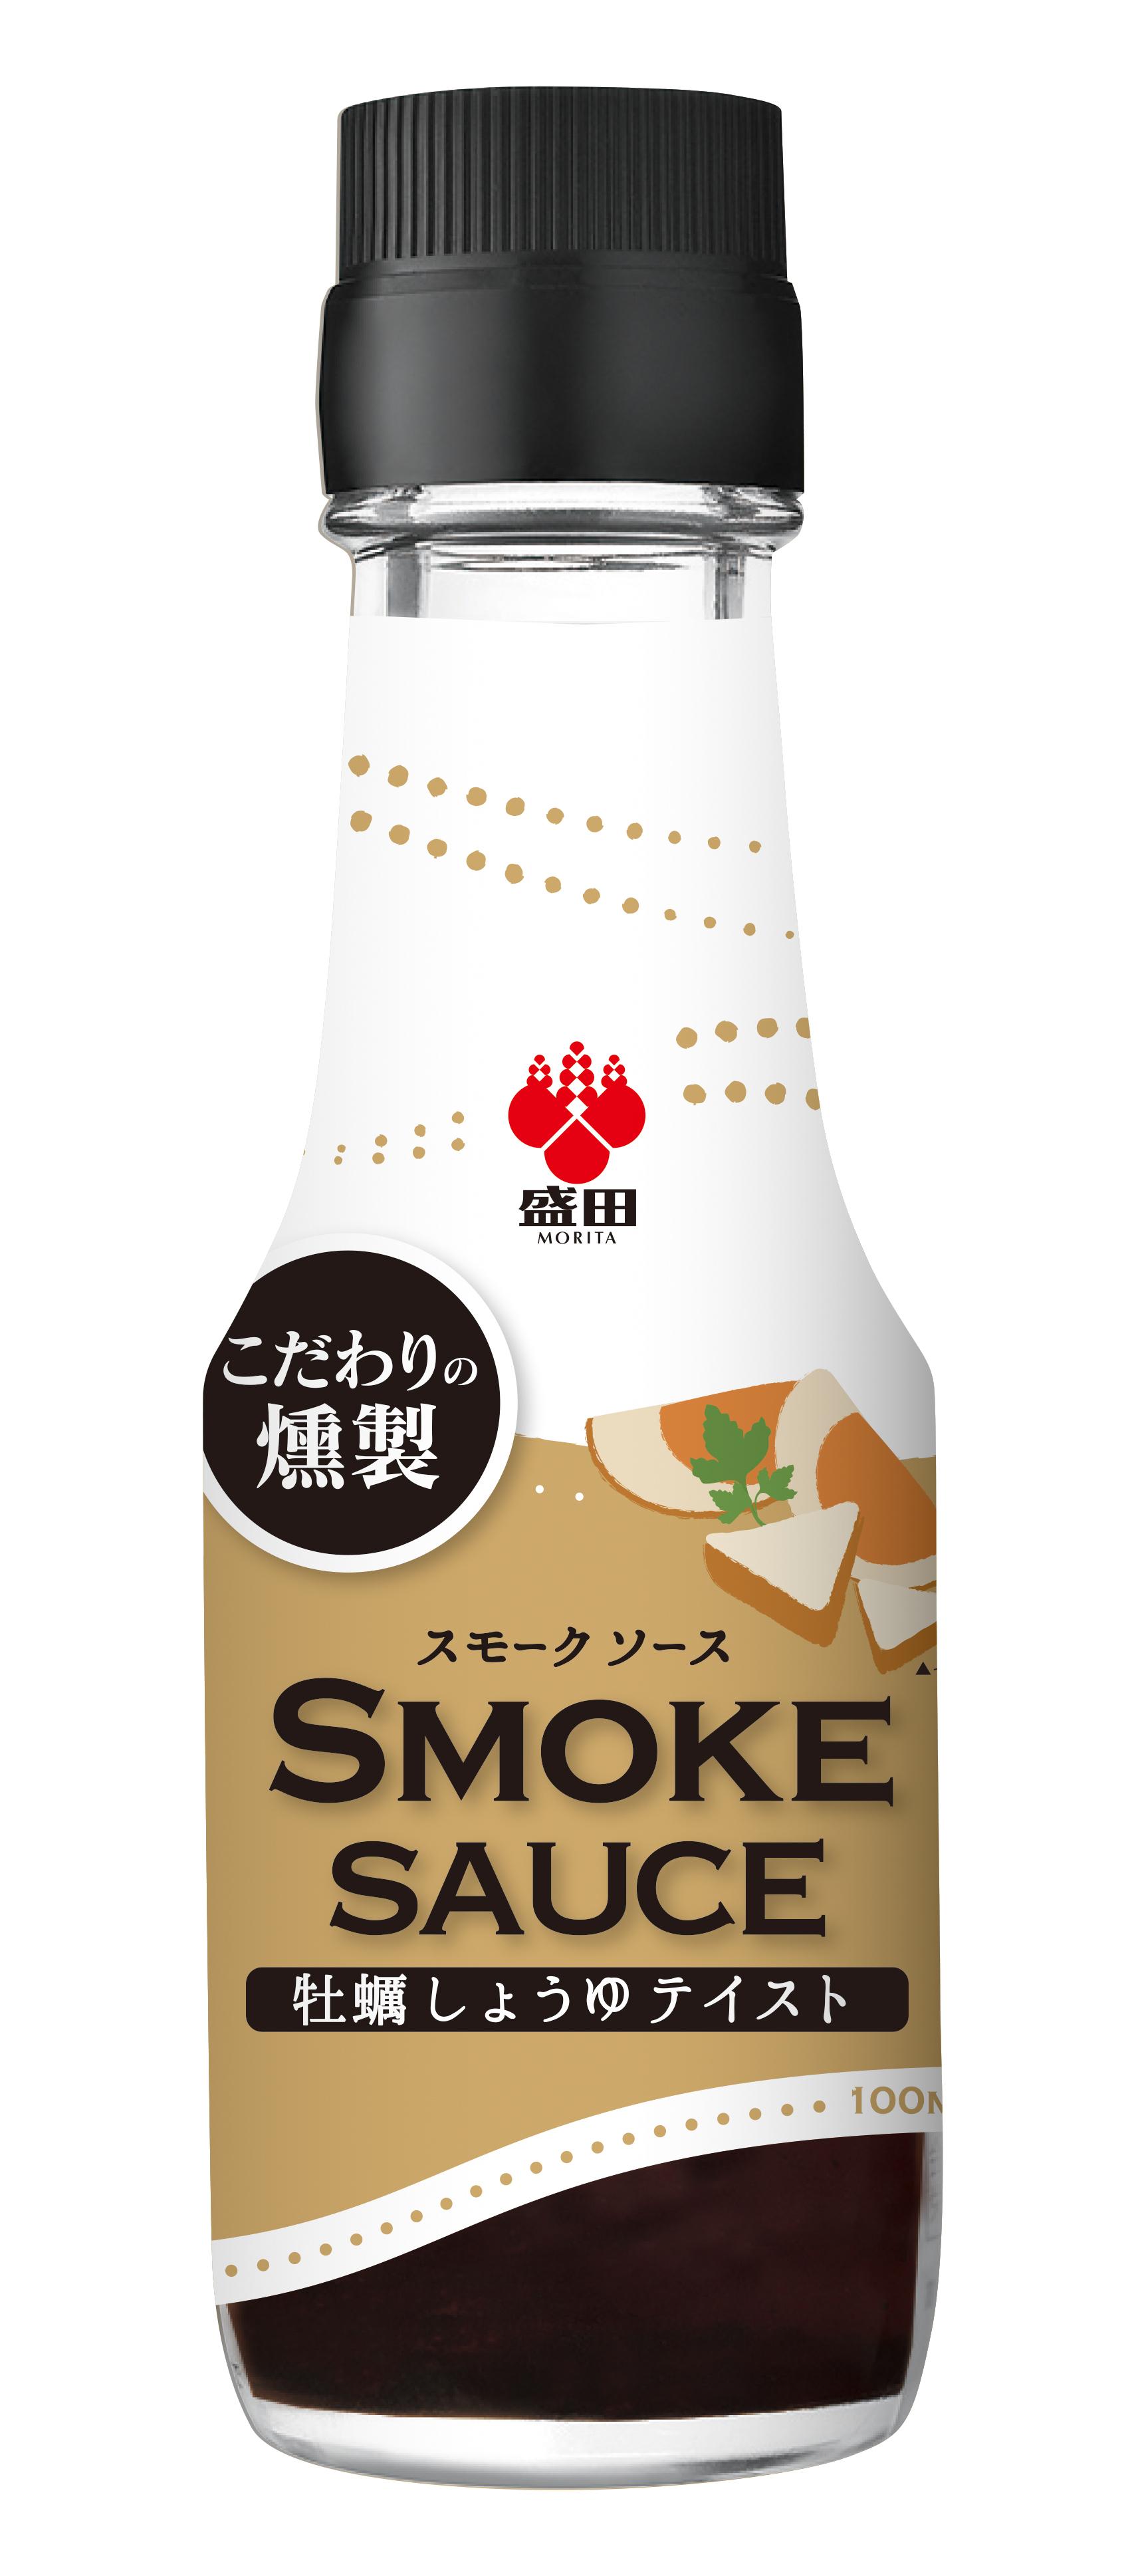 smokesauce